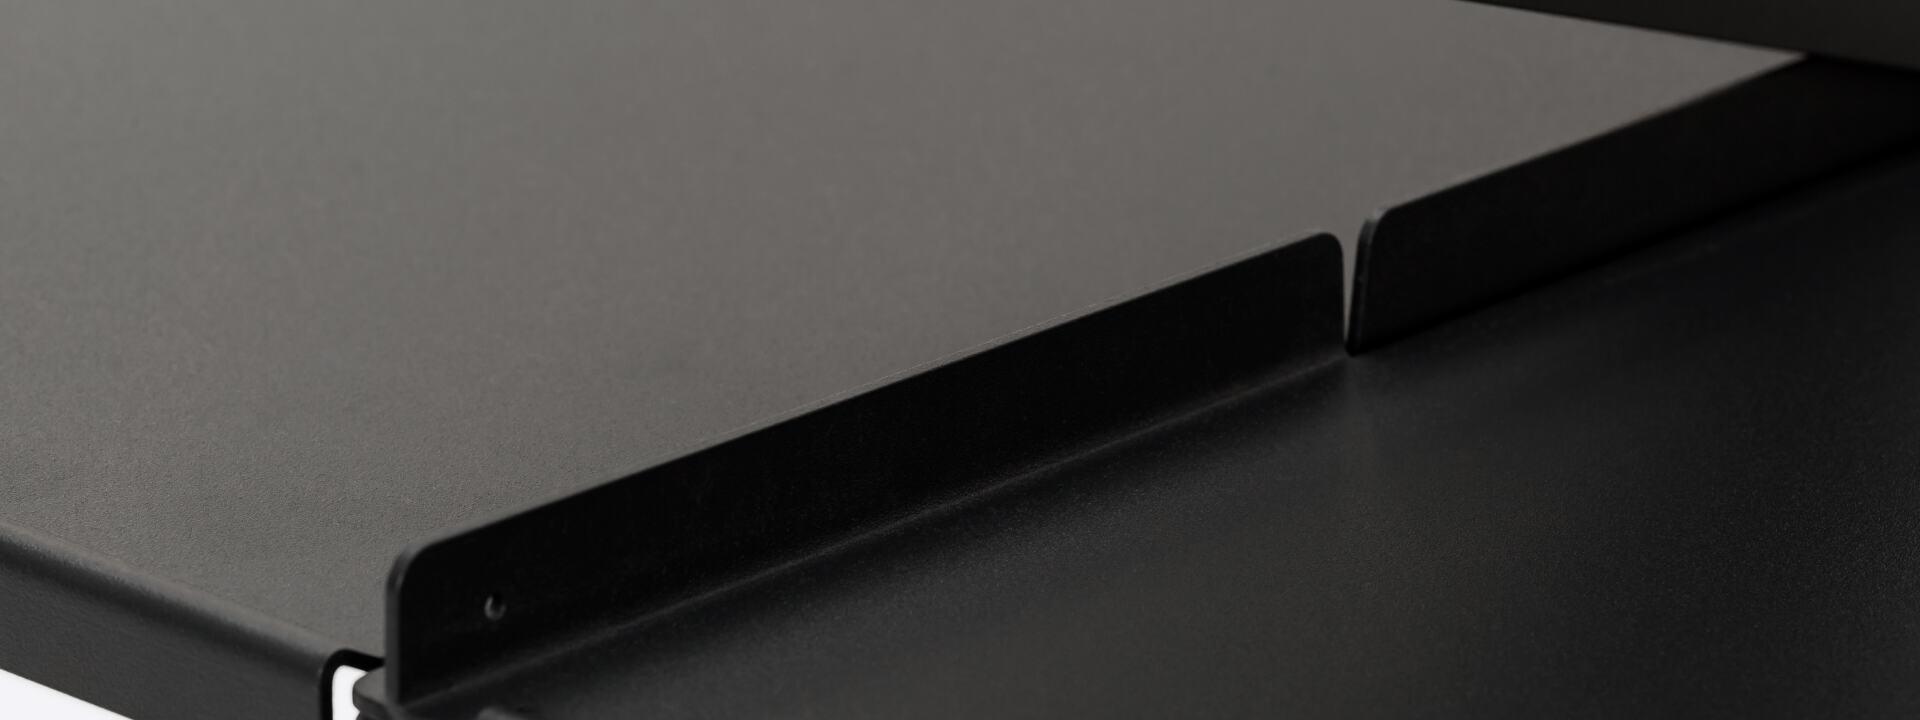 Plusminus Linoleum Shelf, Shelving System, Storage, shelves, office shelves, Linoleum, 3D, configure shelving system, shelving system